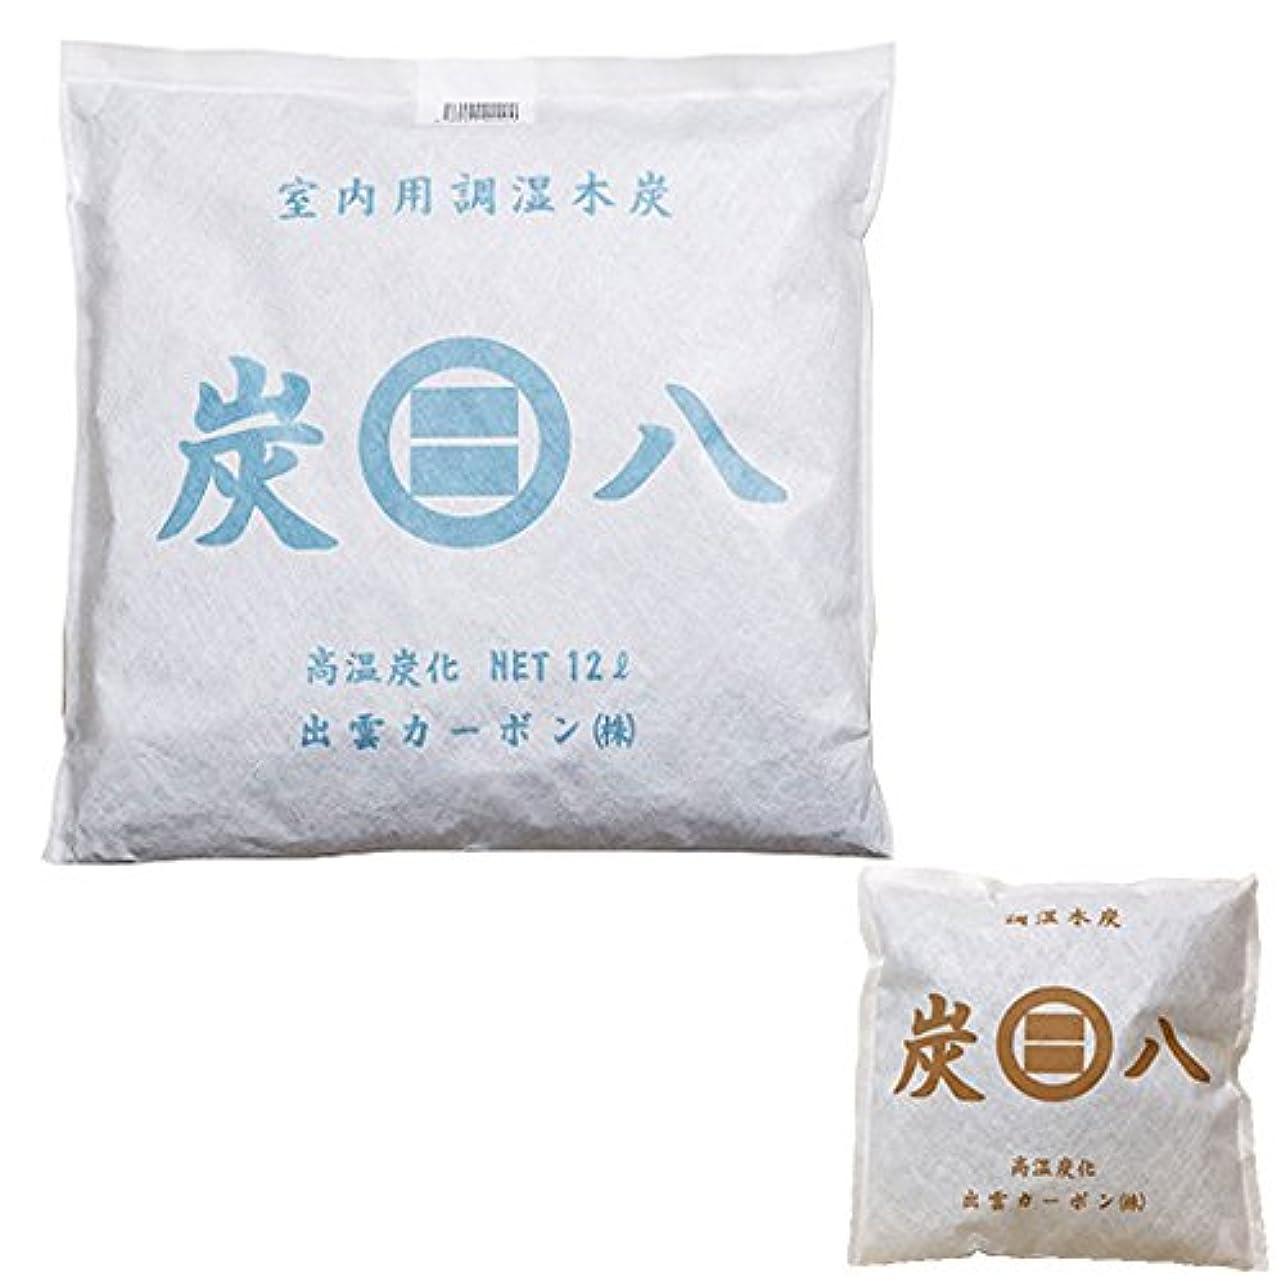 聴覚障害者サバント扱う出雲カーボン 炭八 室内用 4袋+二重小袋プレゼント